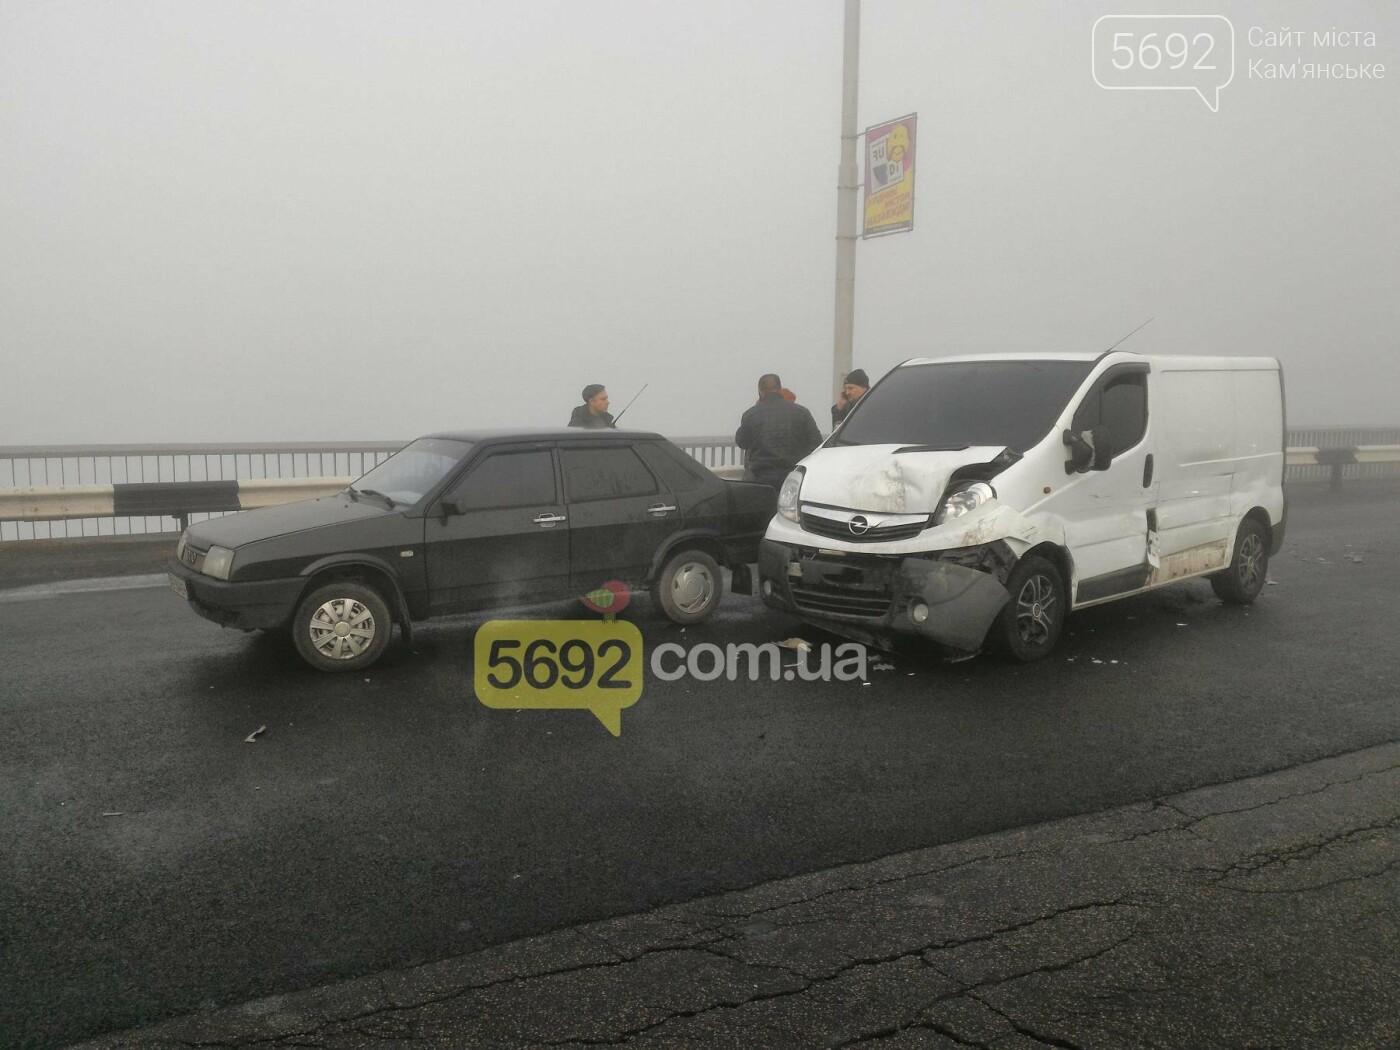 В Каменском на мосту произошло массовое ДТП, фото-4